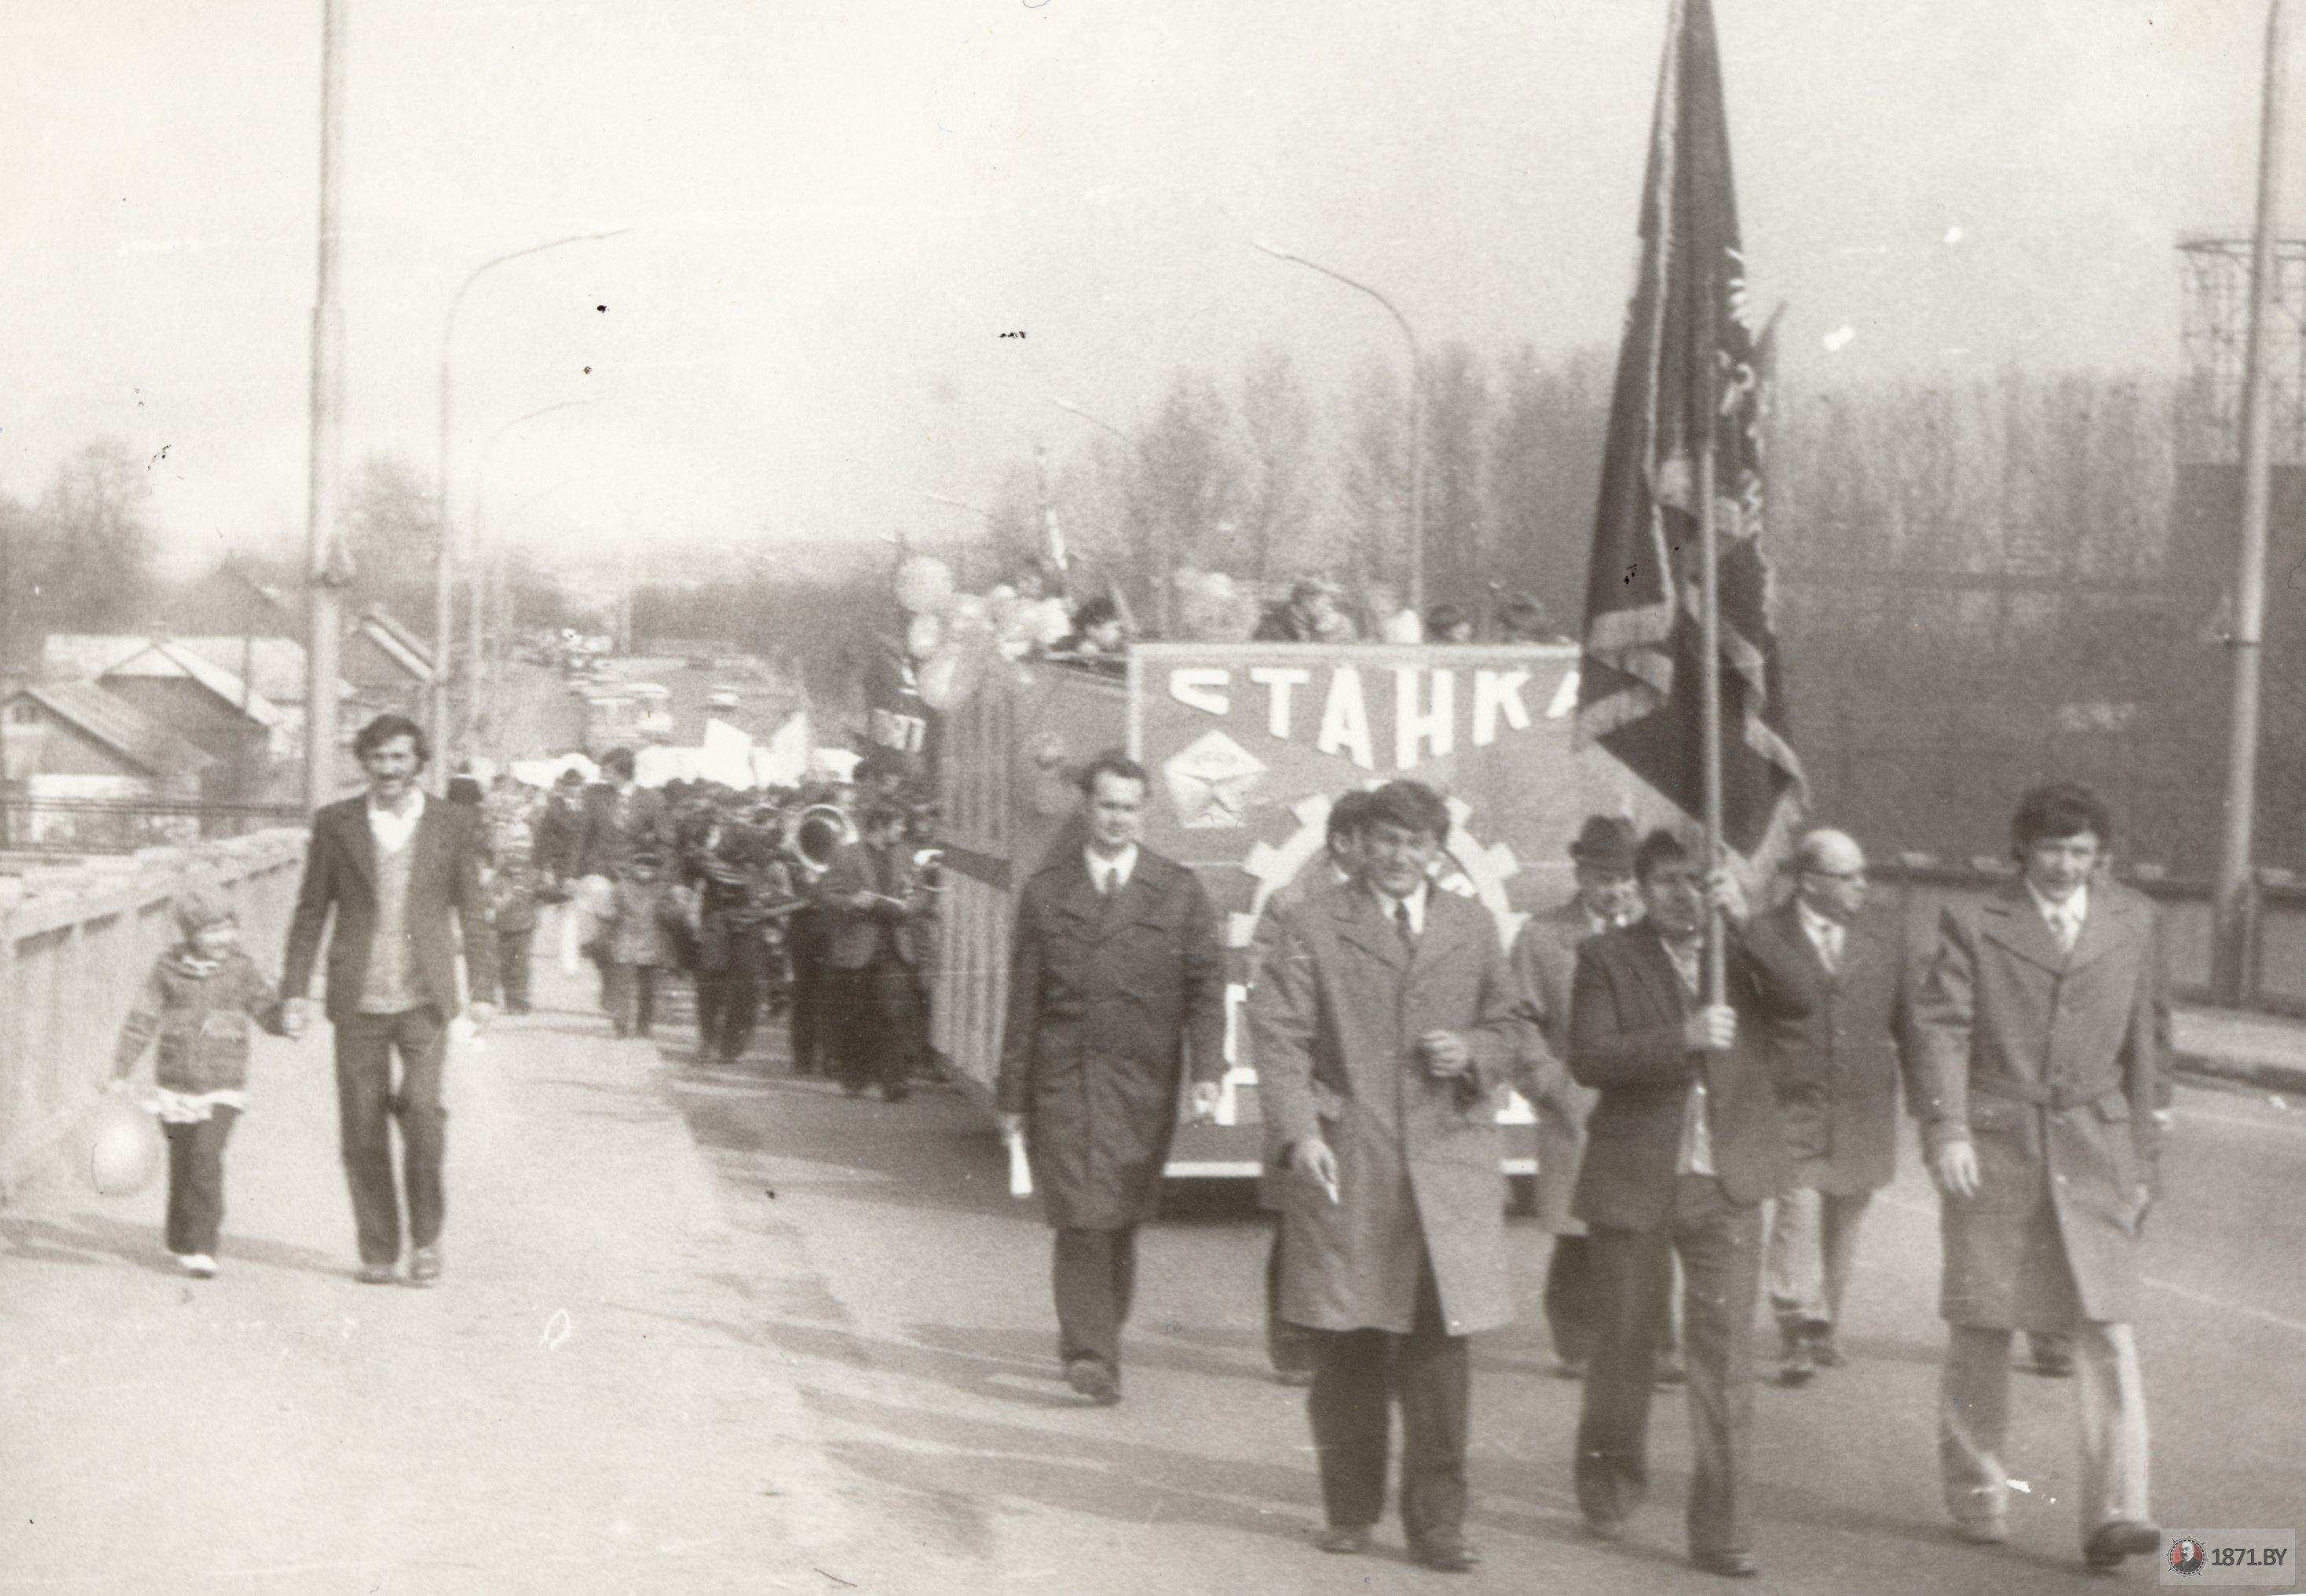 Колонна завода станкопринадлежностей двигается на демонстрацию, 1979 год. Фото: сайт 1871.by